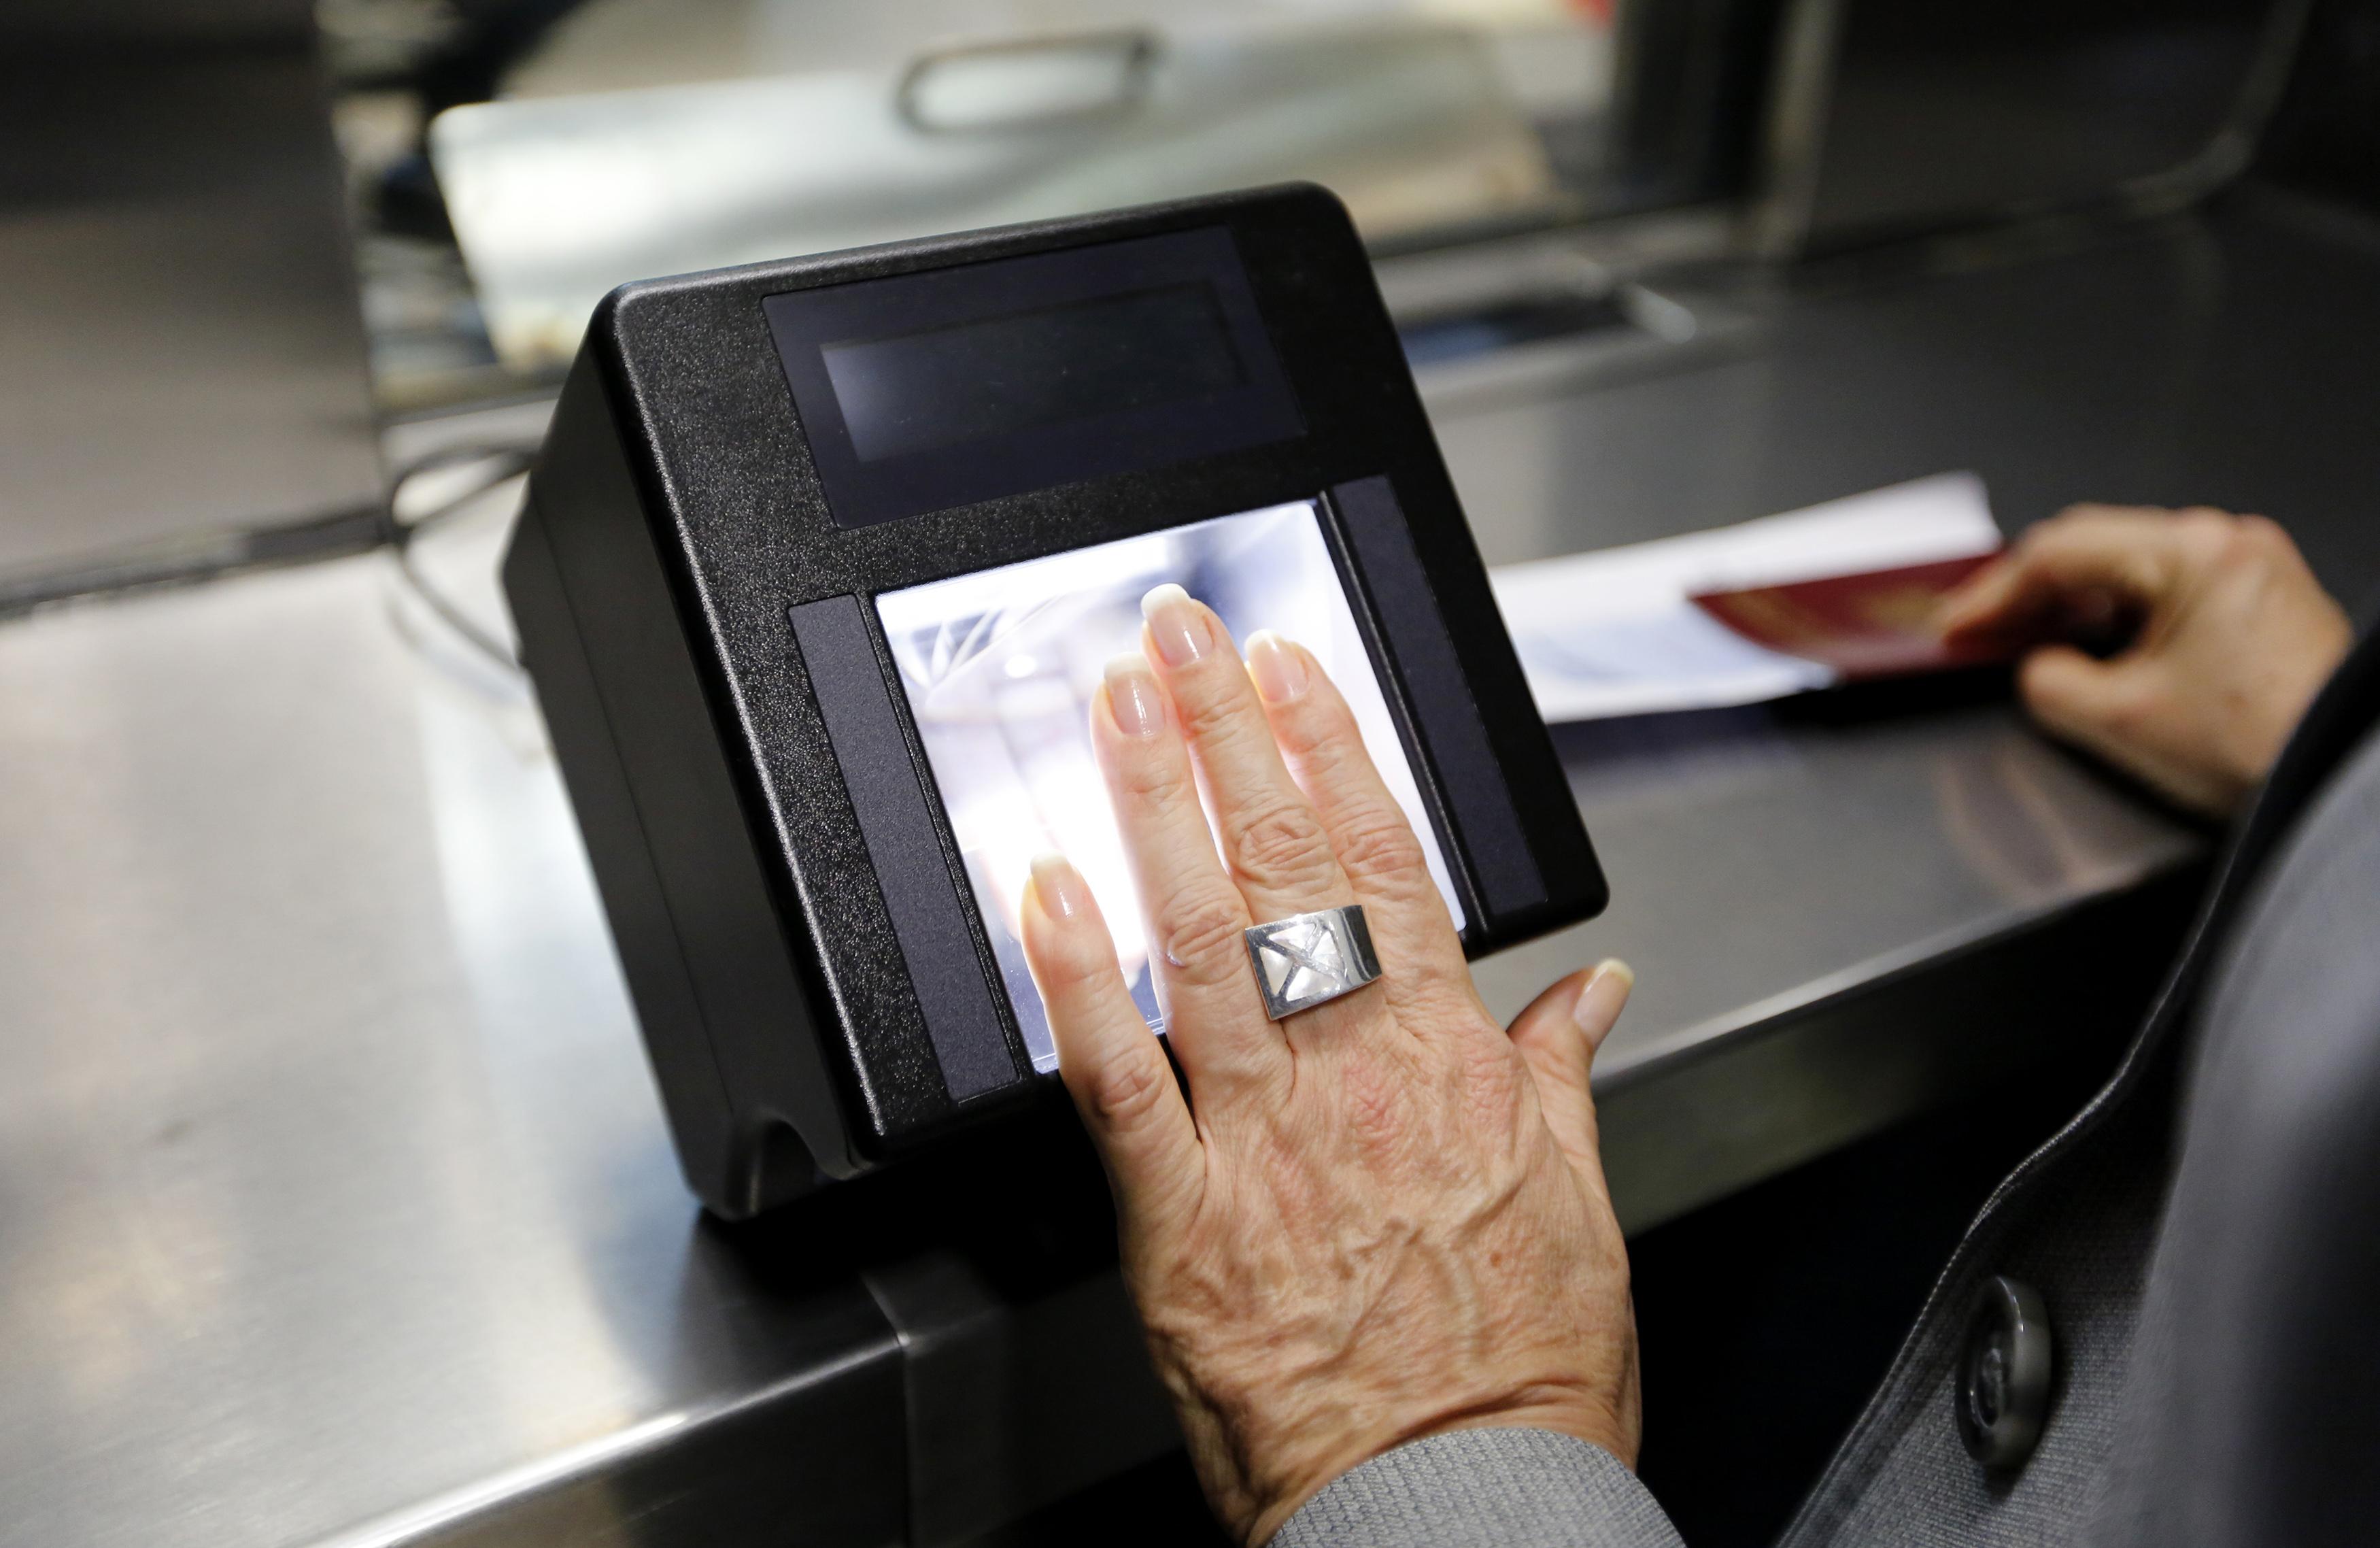 иллюстрацию своему биометрические фото для визы киргизии, где распространен